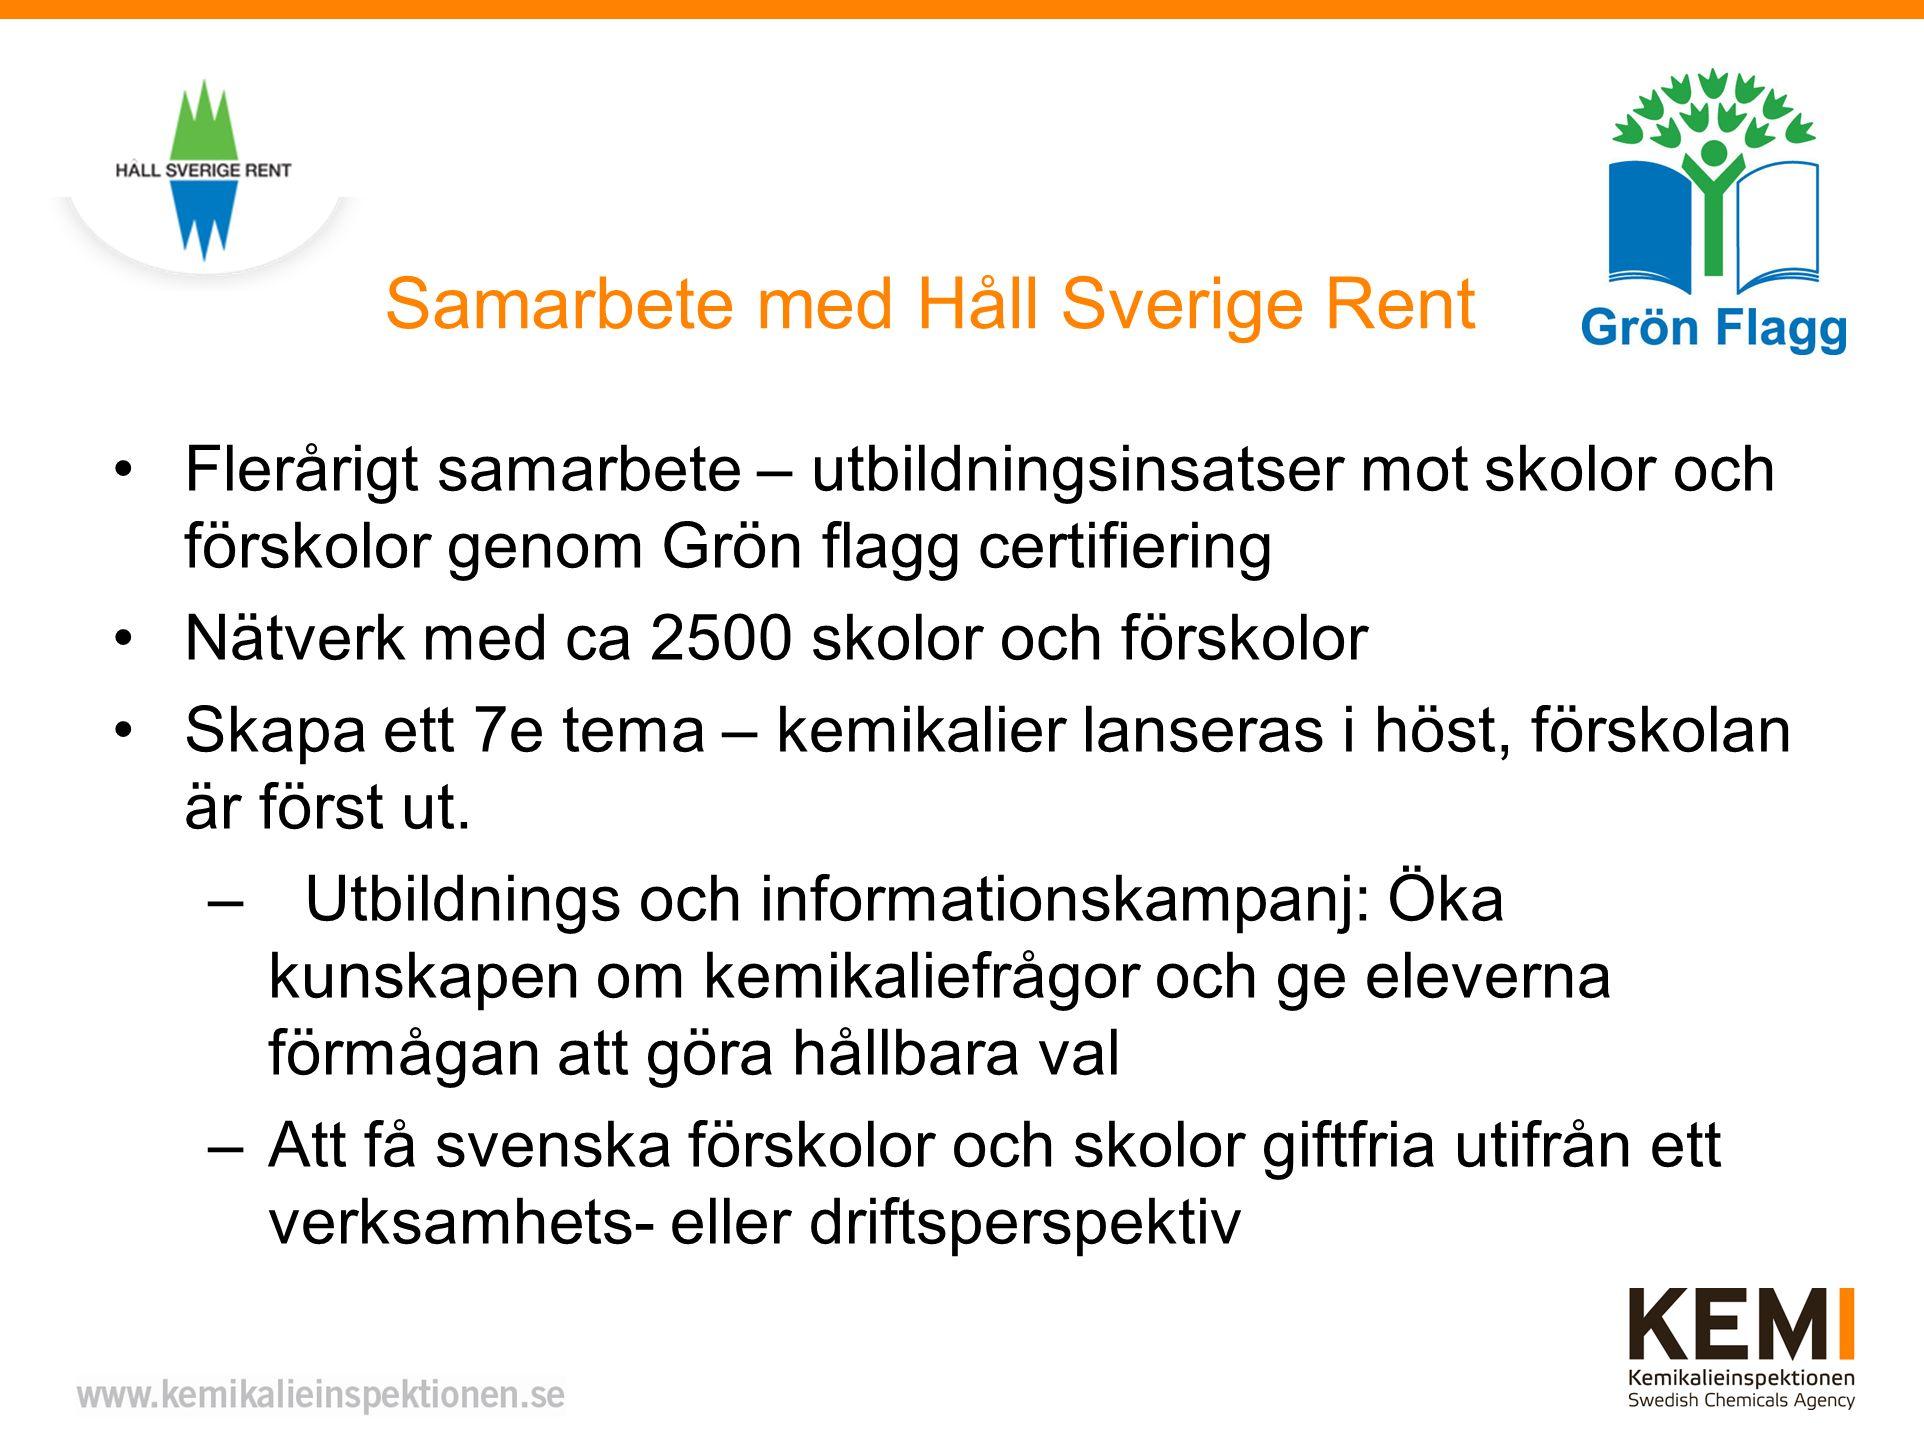 Samarbete med Håll Sverige Rent Flerårigt samarbete – utbildningsinsatser mot skolor och förskolor genom Grön flagg certifiering Nätverk med ca 2500 skolor och förskolor Skapa ett 7e tema – kemikalier lanseras i höst, förskolan är först ut.